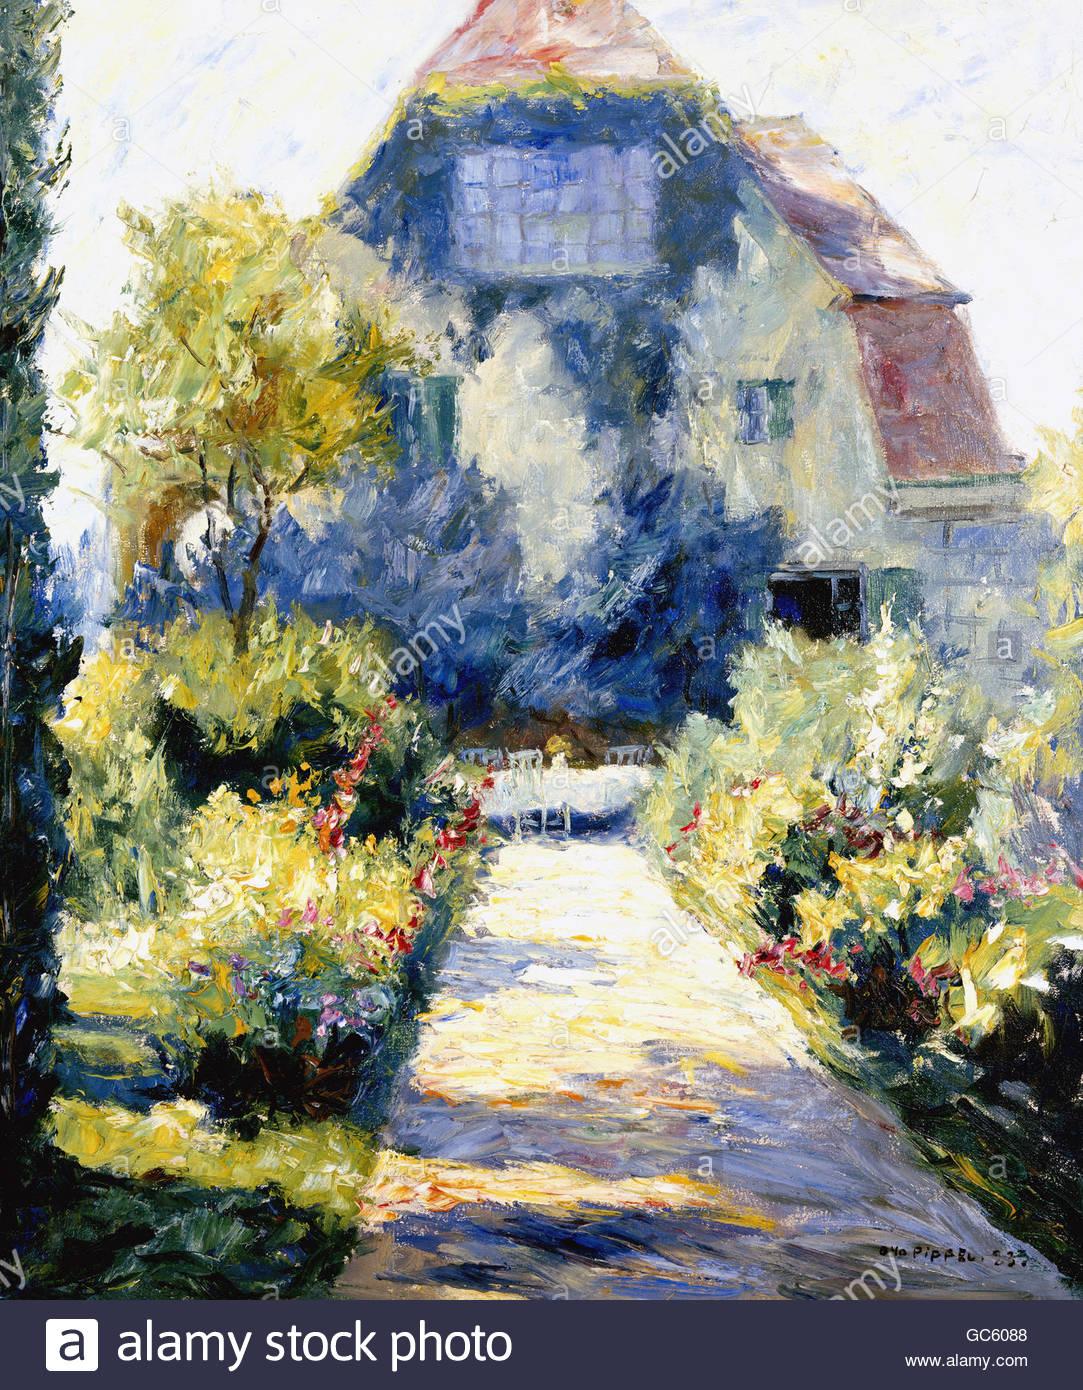 """Belle arti, Pippel, Otto (1878 - 1960), """"ein Garten, pittura, 1923, artista del copyright deve anche essere Immagini Stock"""